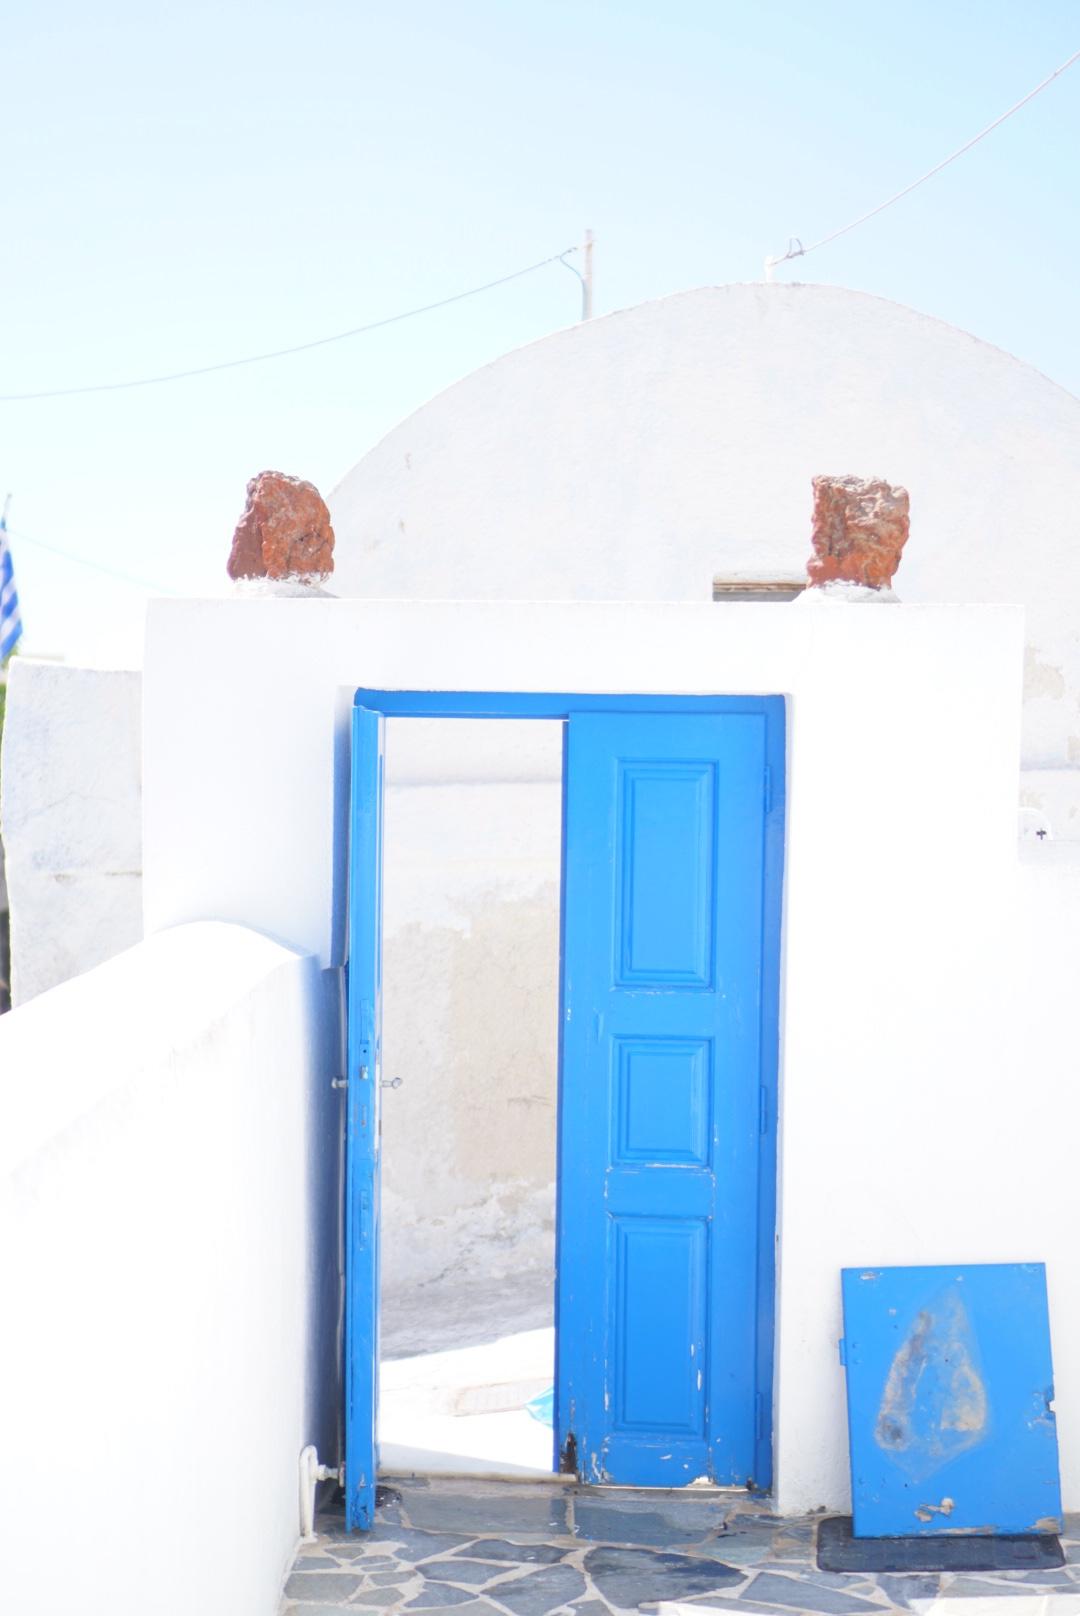 dsc01475 - A Few Days in Santorini